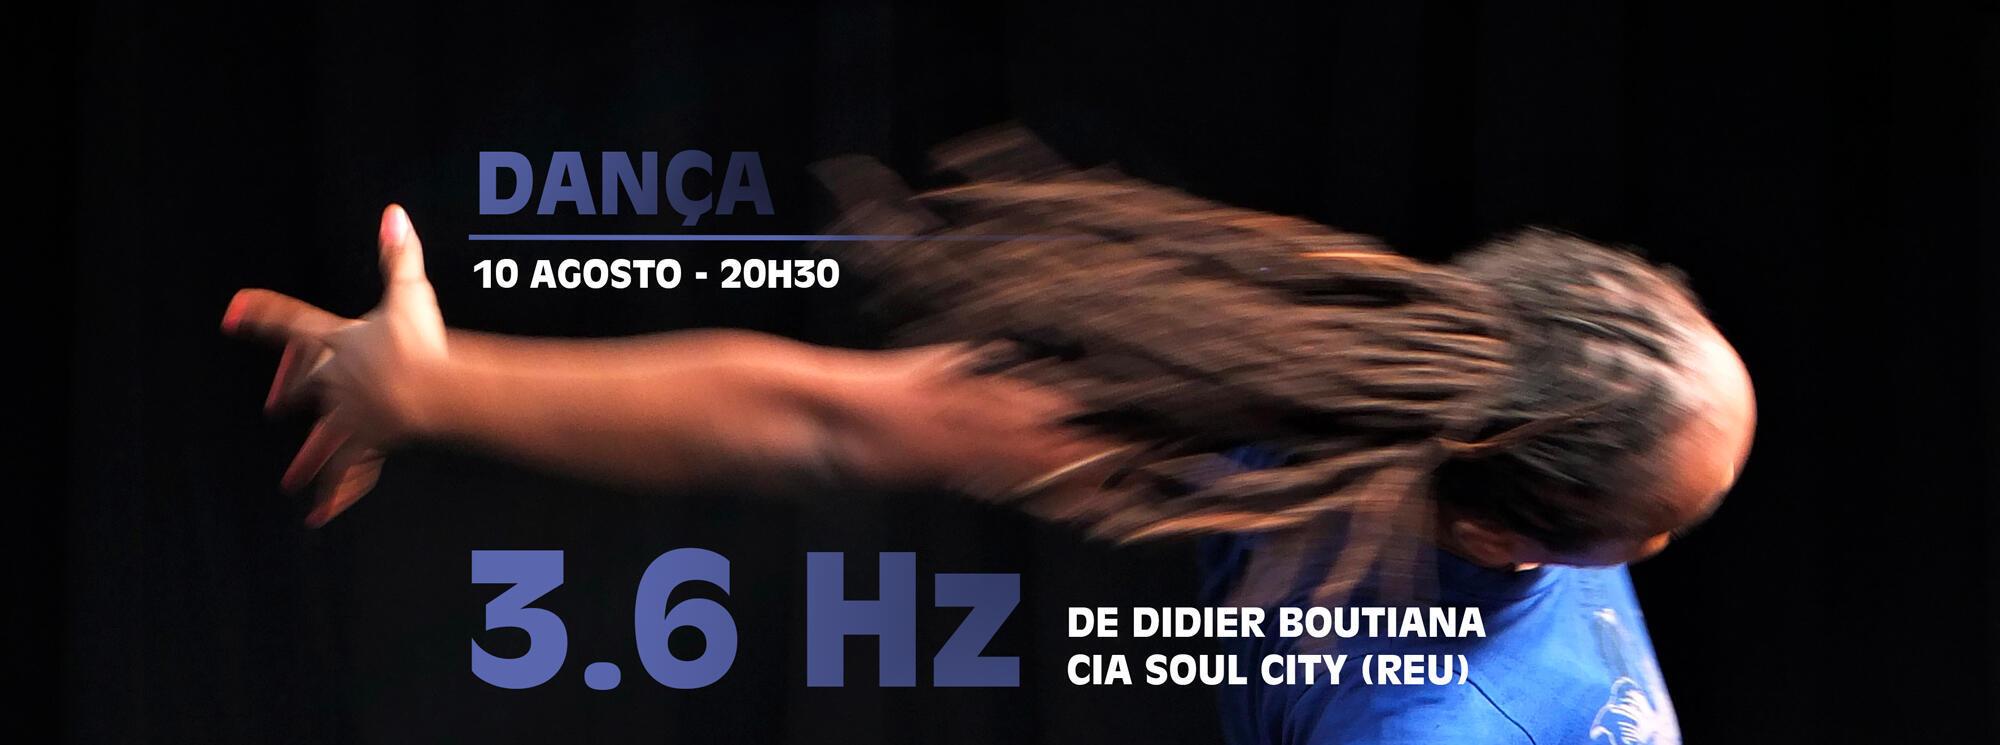 3.6 Hz no Centro cultural franco-moçambicano em Maputo e, em Novembro, na Ilha da Reunião